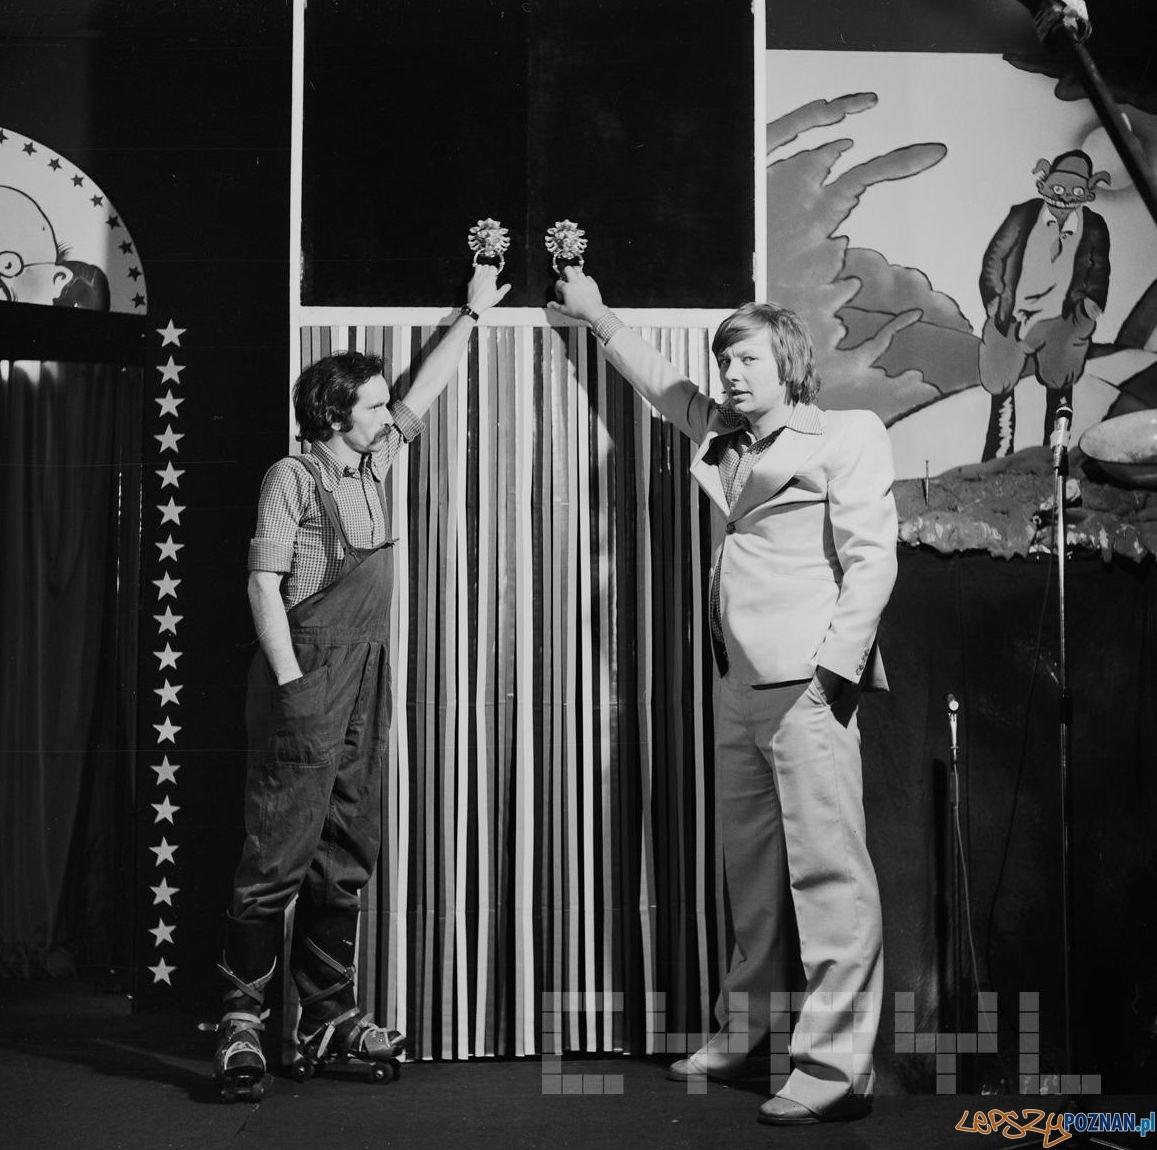 Zenon Laskowik i Bohdan Smoleń - Zbiórka, czyli z rolnictwem na TEY - kabaret na scenie przy ul. Woźnej 1978 r.  Foto: Jerzy Nowakowski / Cyryl